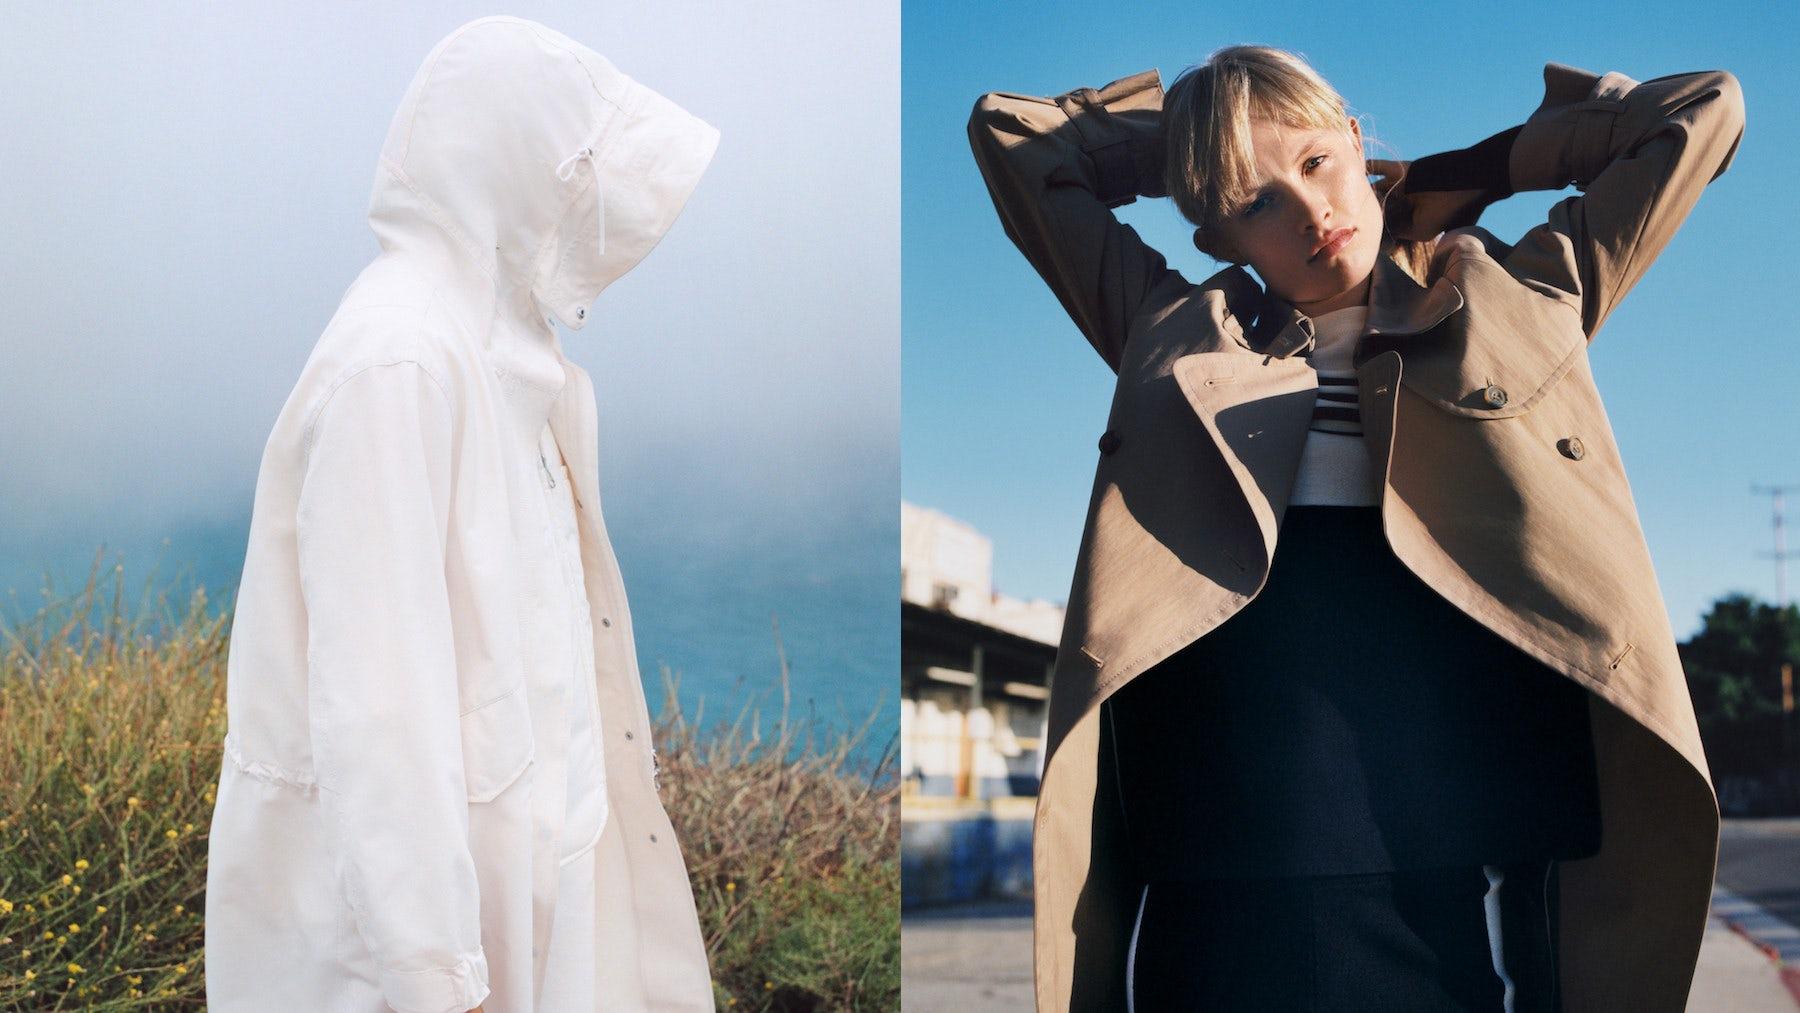 Arket Autumn/Winter 2017 womenswear campaign   Source: Courtesy